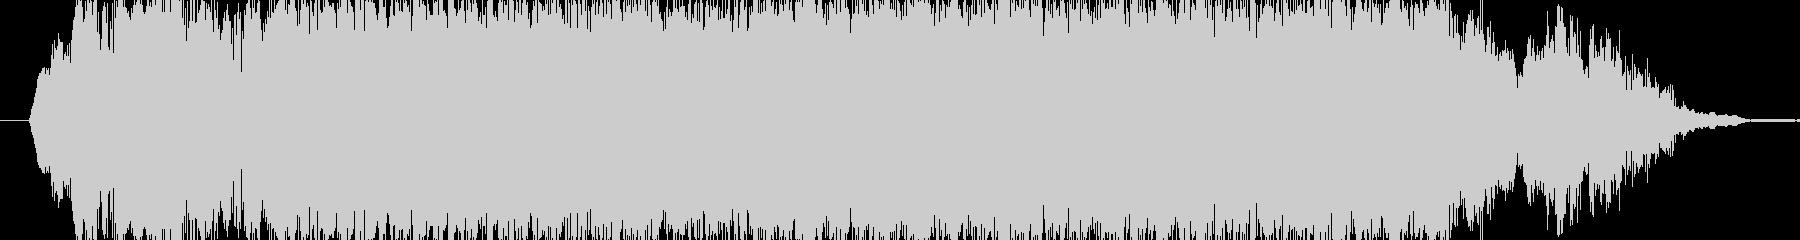 エレクトロ 交響曲 モダン 室内楽...の未再生の波形